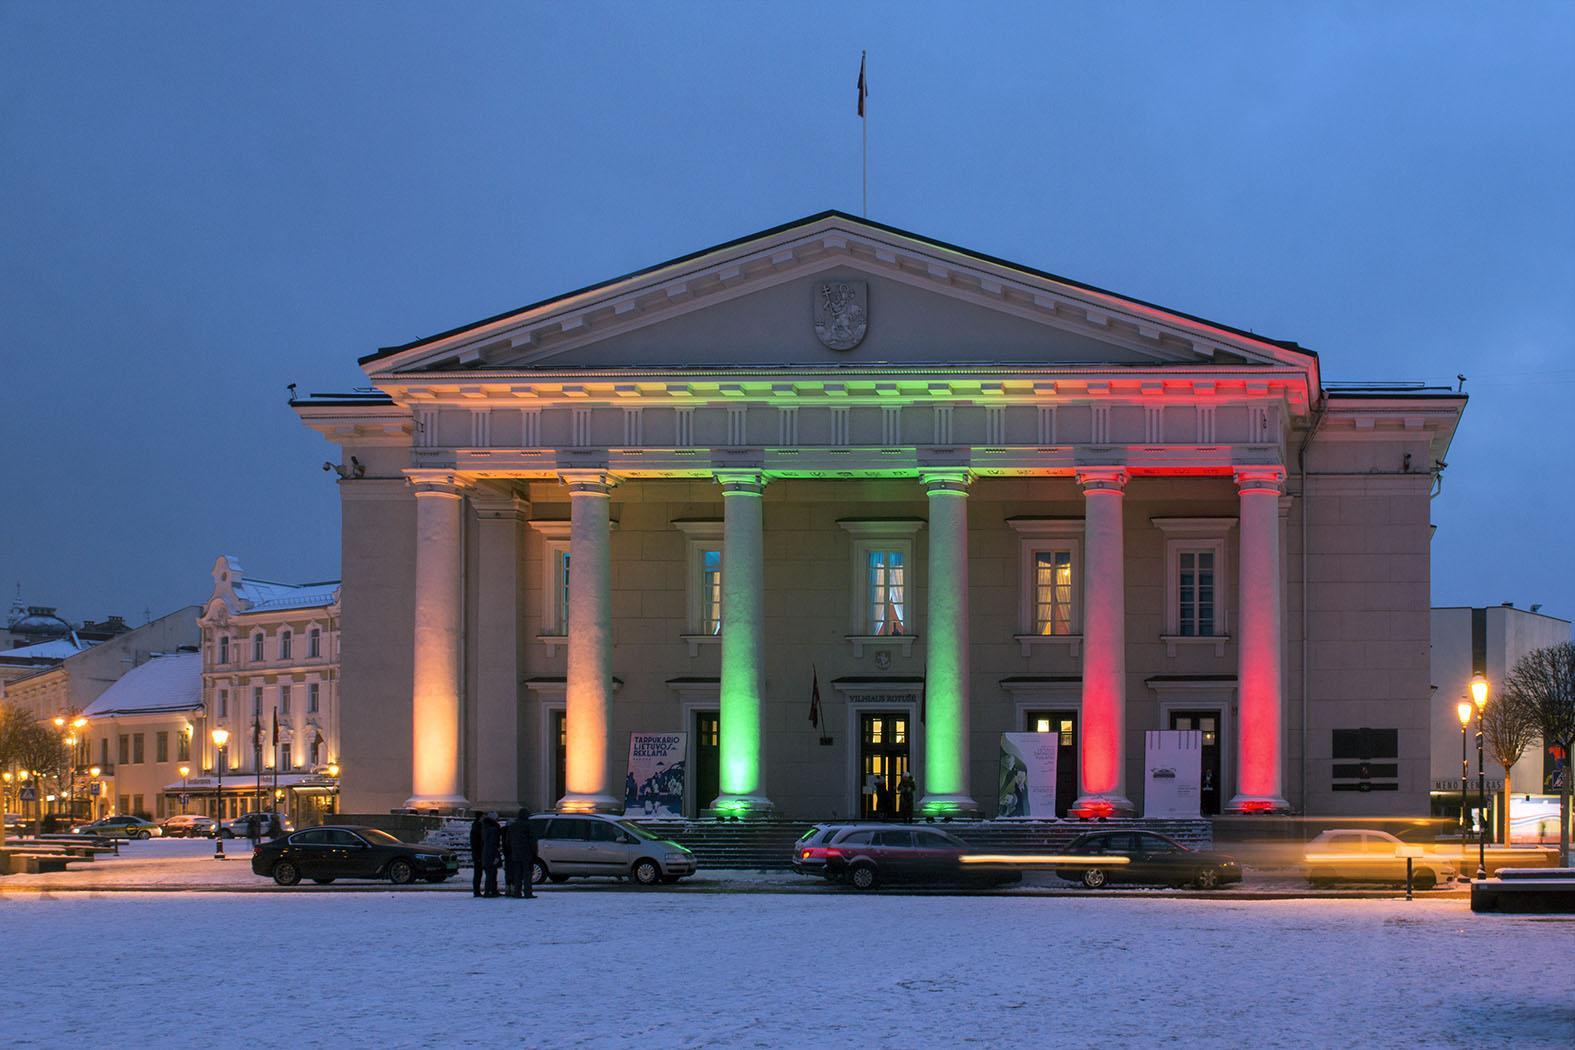 ВВильнюсе прошло торжественное шествие послучаю 100-летия Литвы